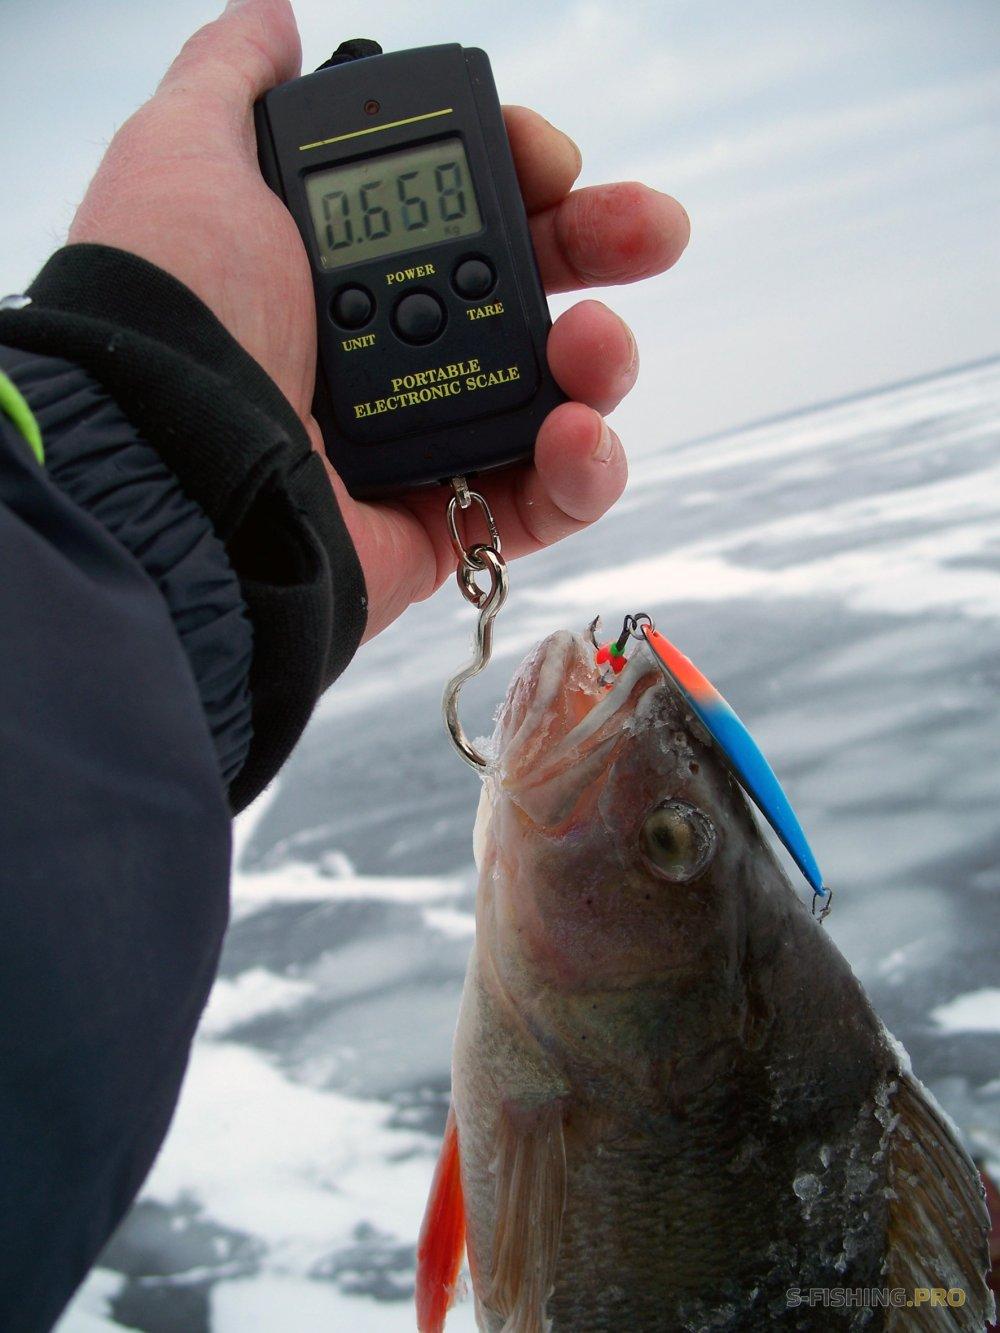 Отчеты с водоемов: ECO номная  рыбалка  PRO должается  с   блесной SPY 70 BLS